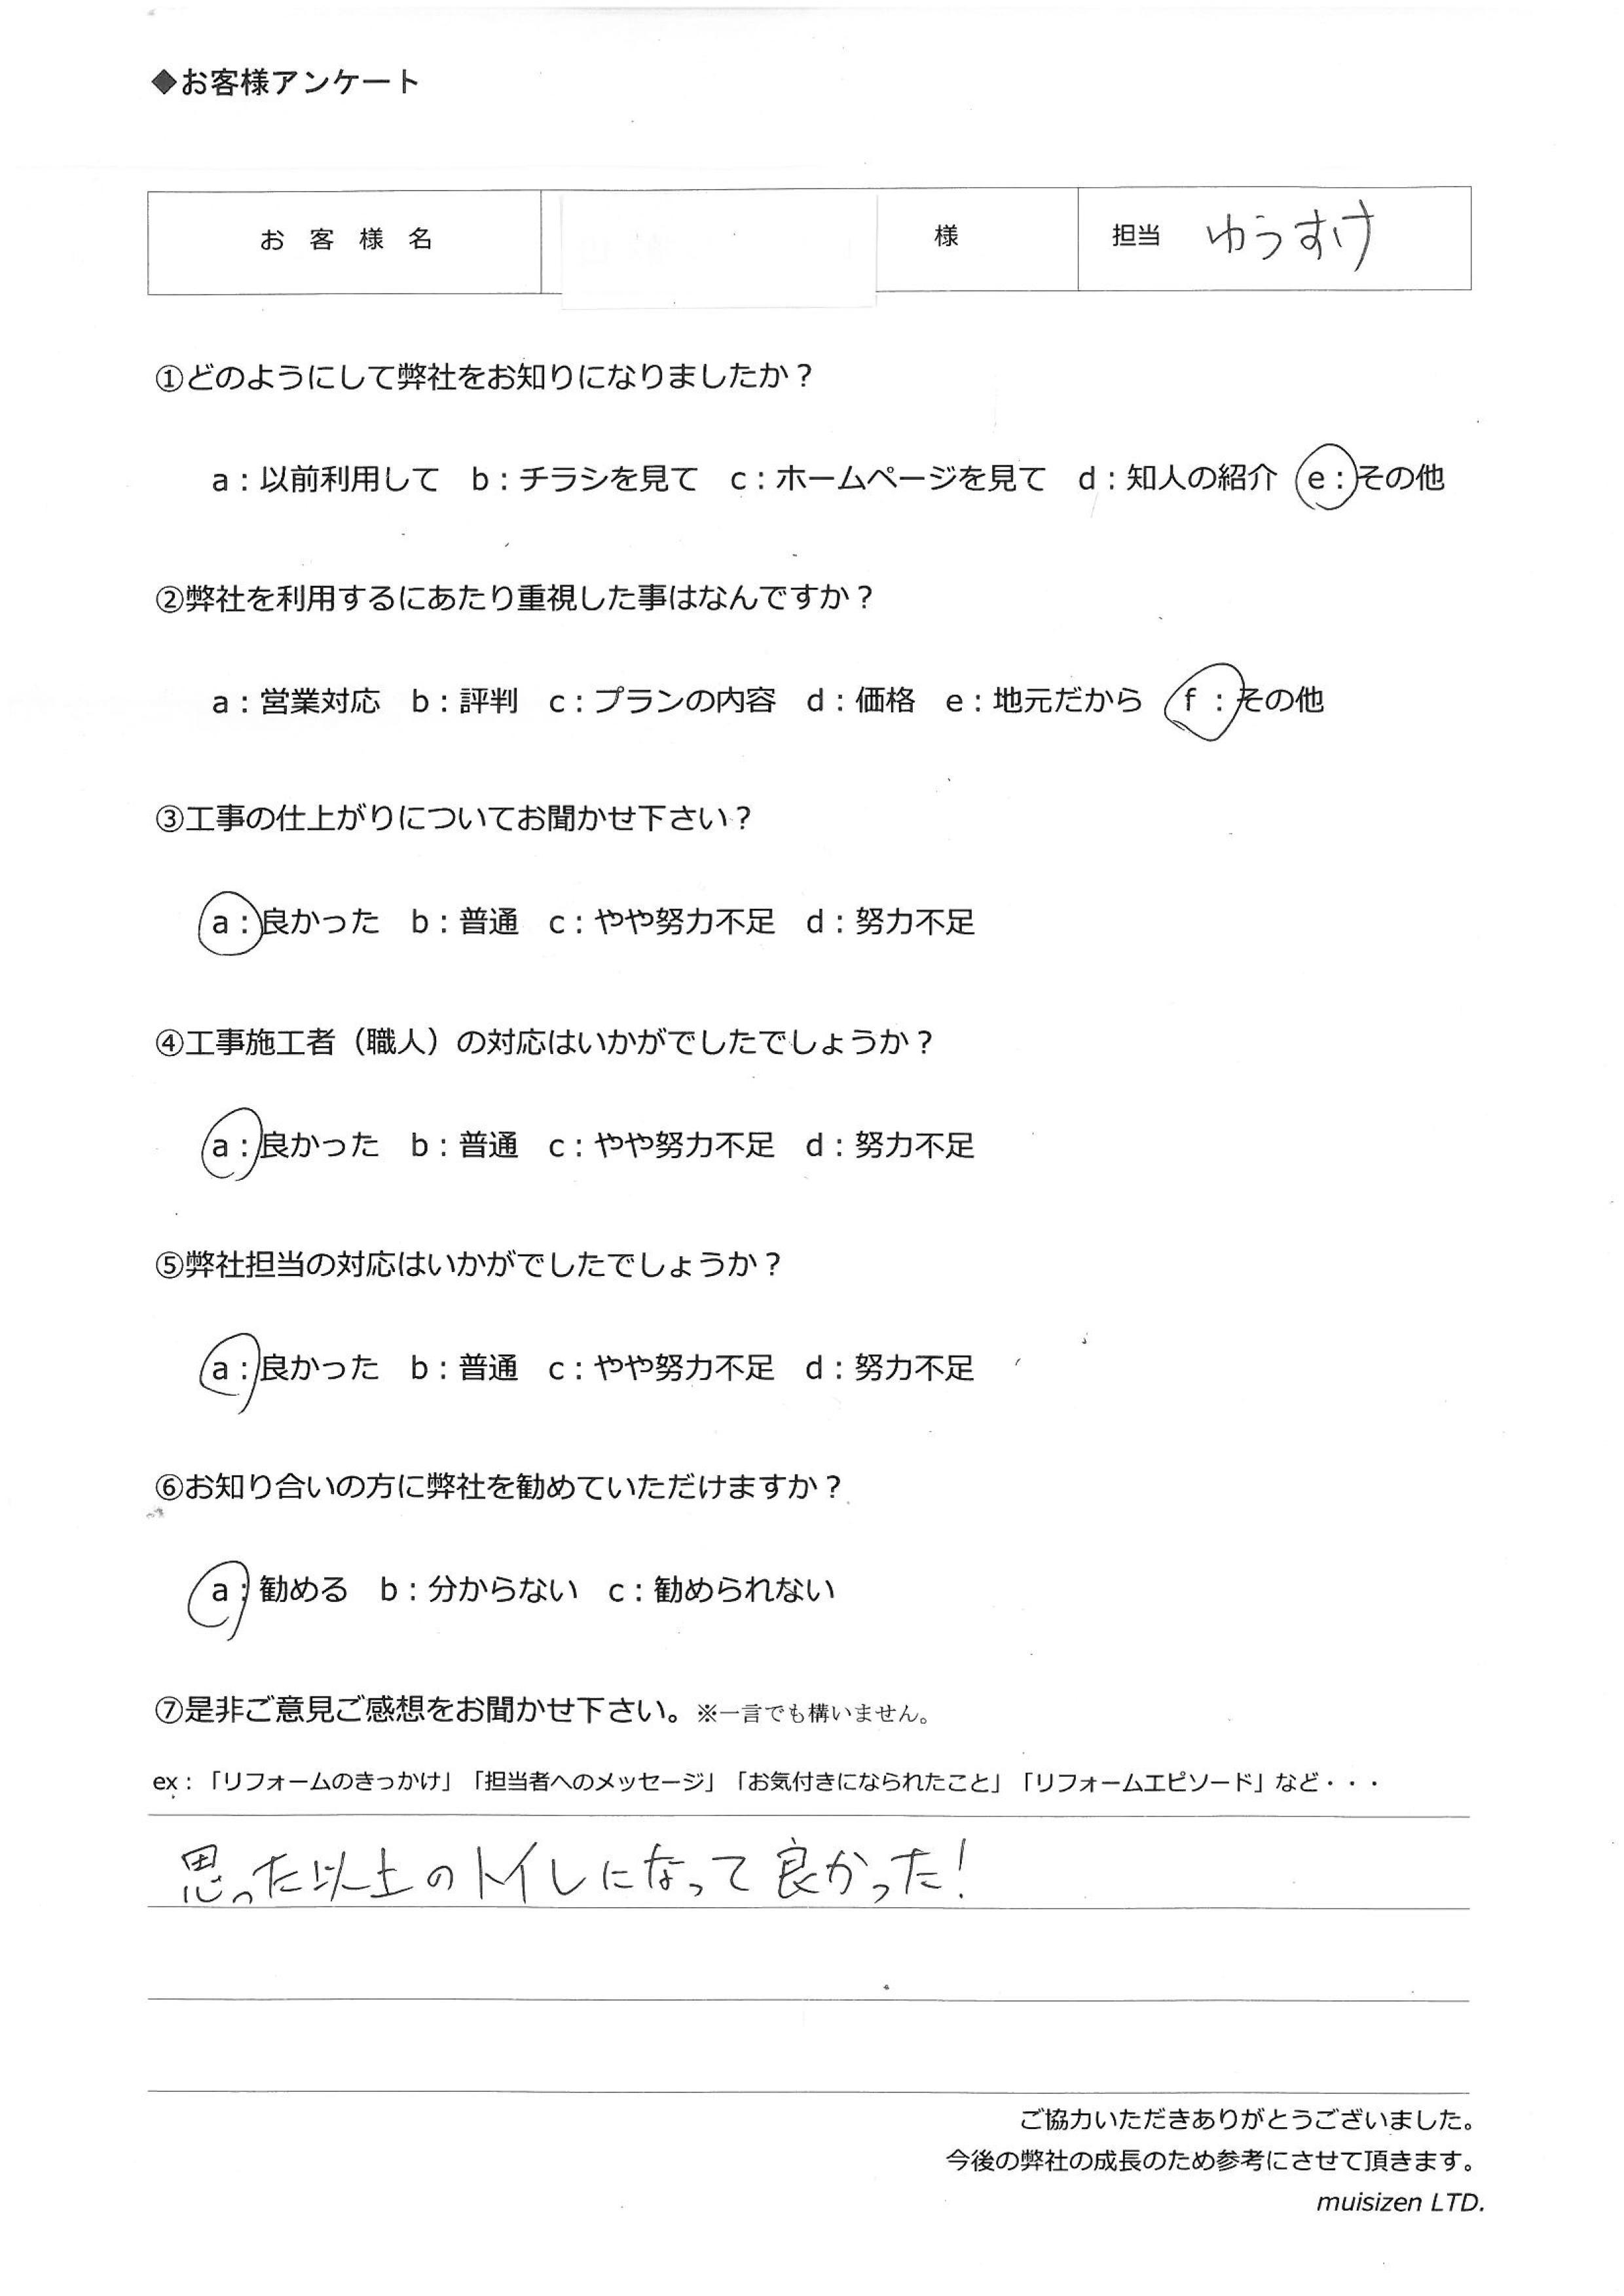 岐阜市Y㈱様工場内倉庫改修工事